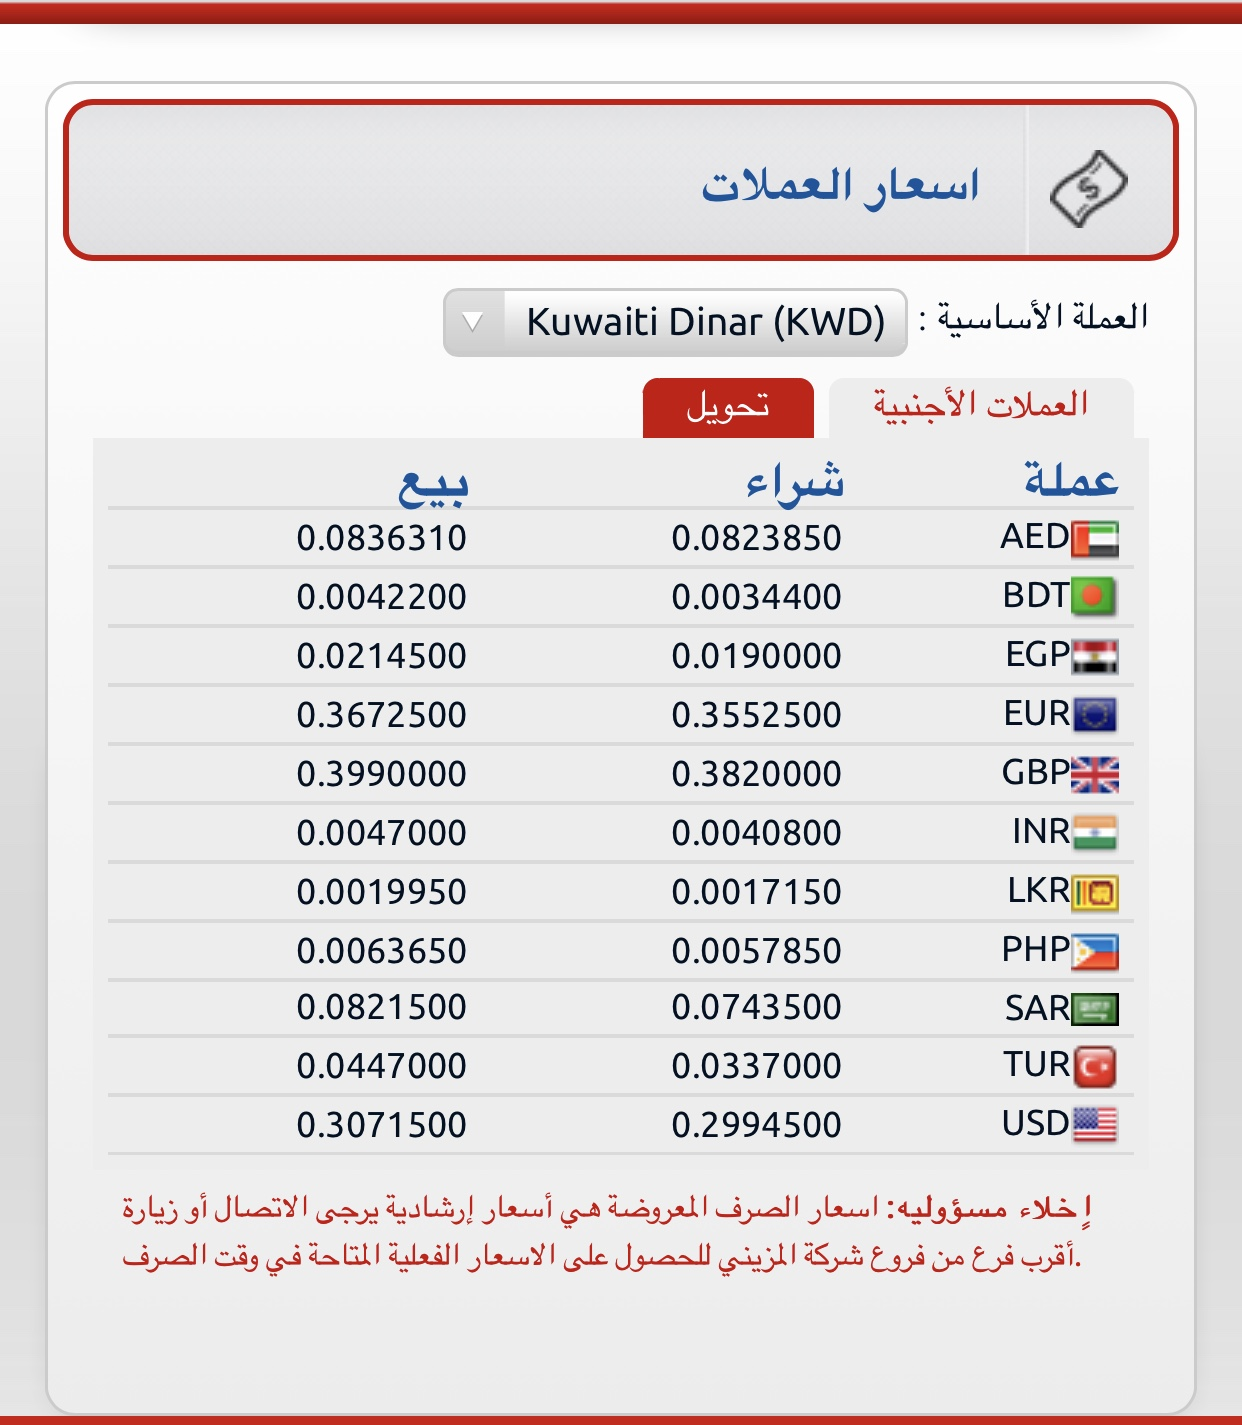 اسعار تحويلات العملات بصرافة المزيني اليوم الثلاثاء ١٥سيبتمبر